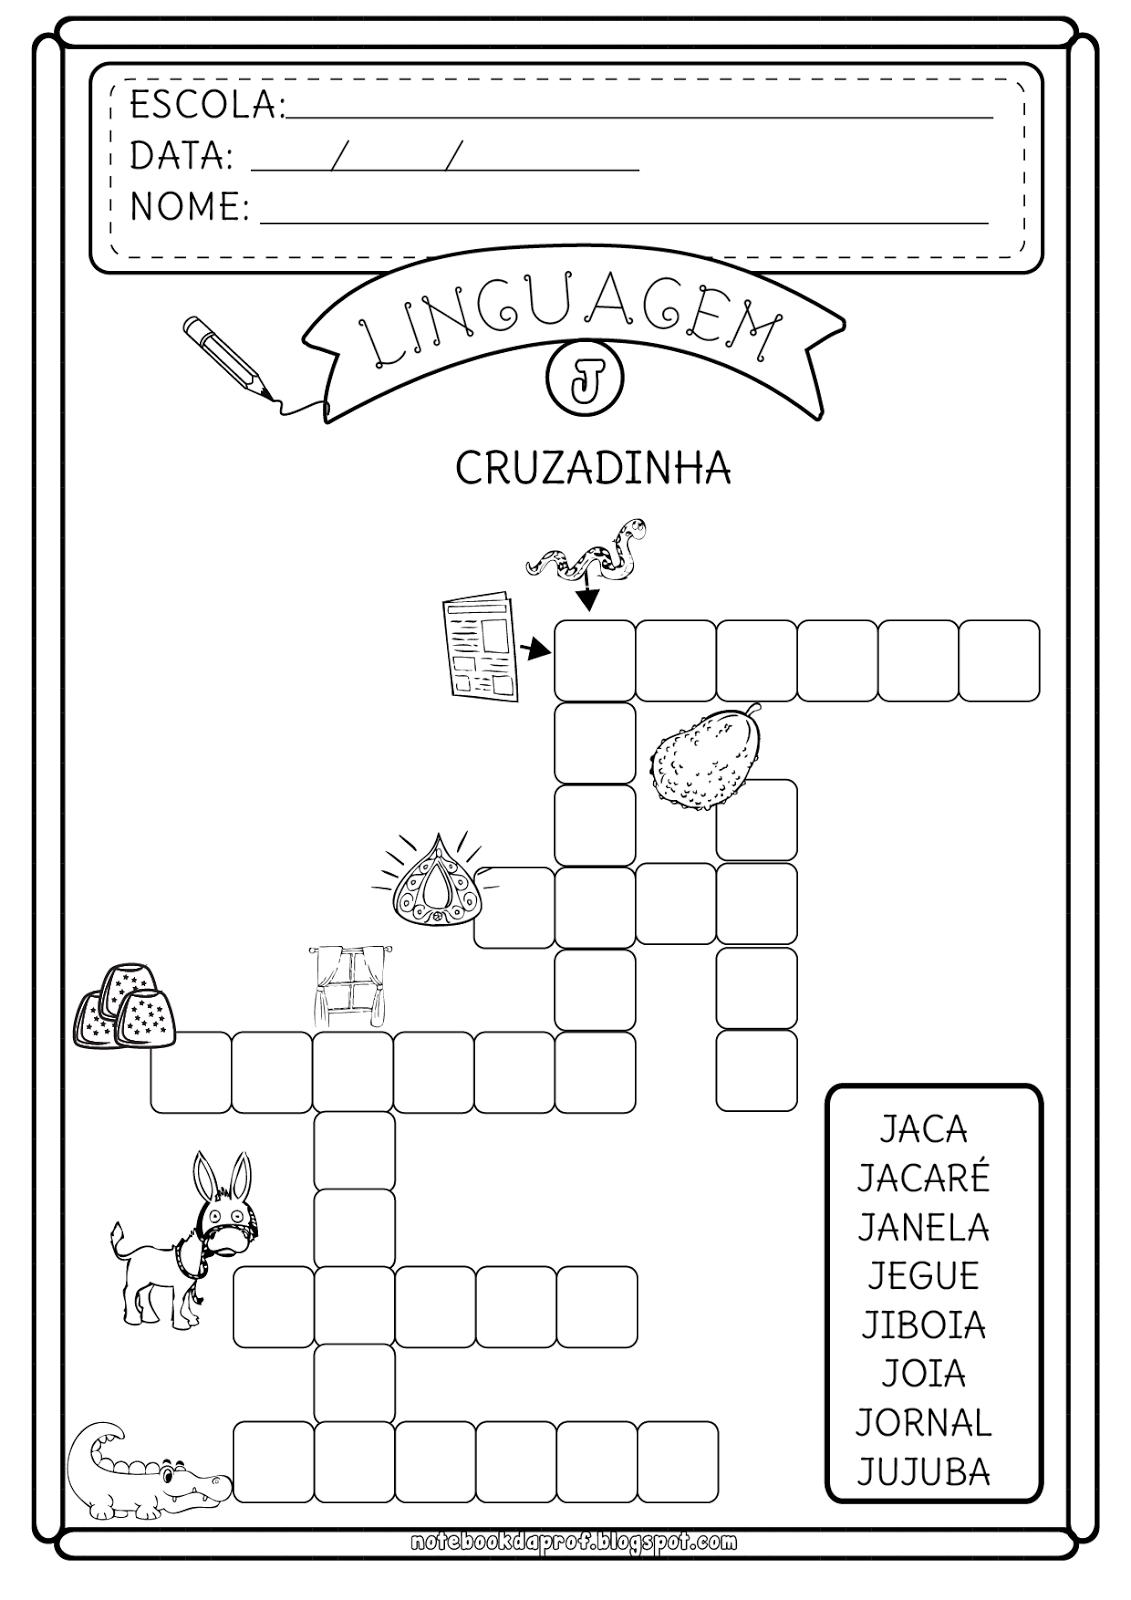 Atividades Letra J - Cruzadinha e Caça-palavras | marnise 3 ...